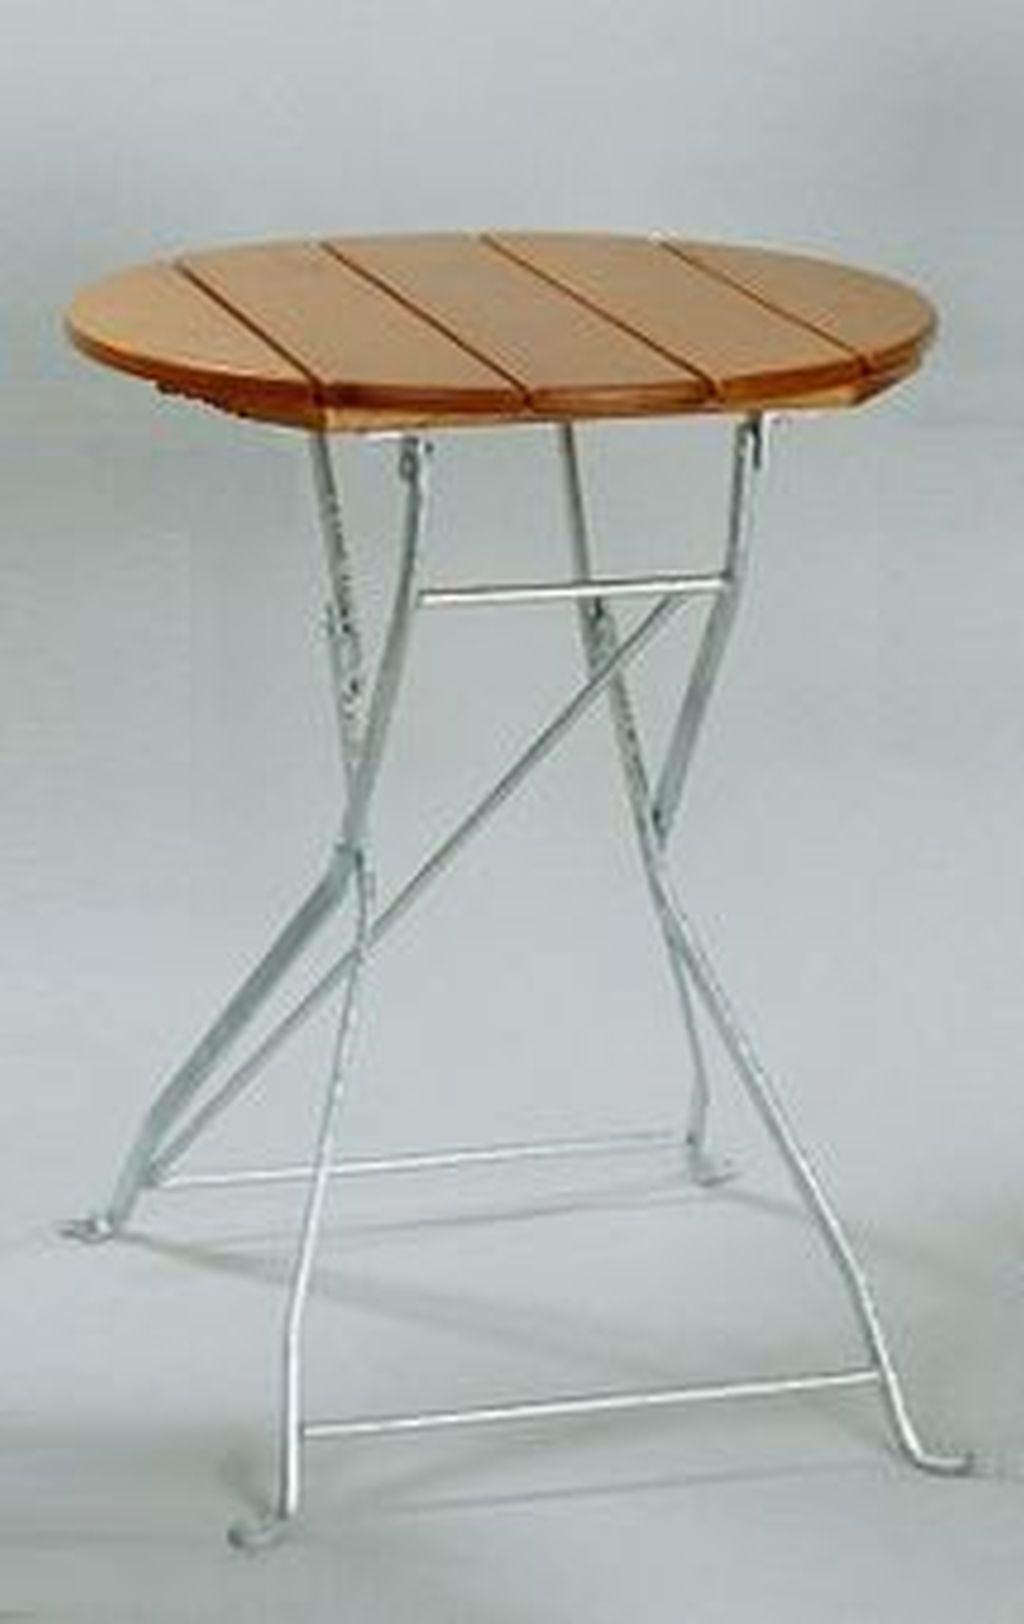 Zahradní stůl Klasik kulatý 70 cm jasan, skládací